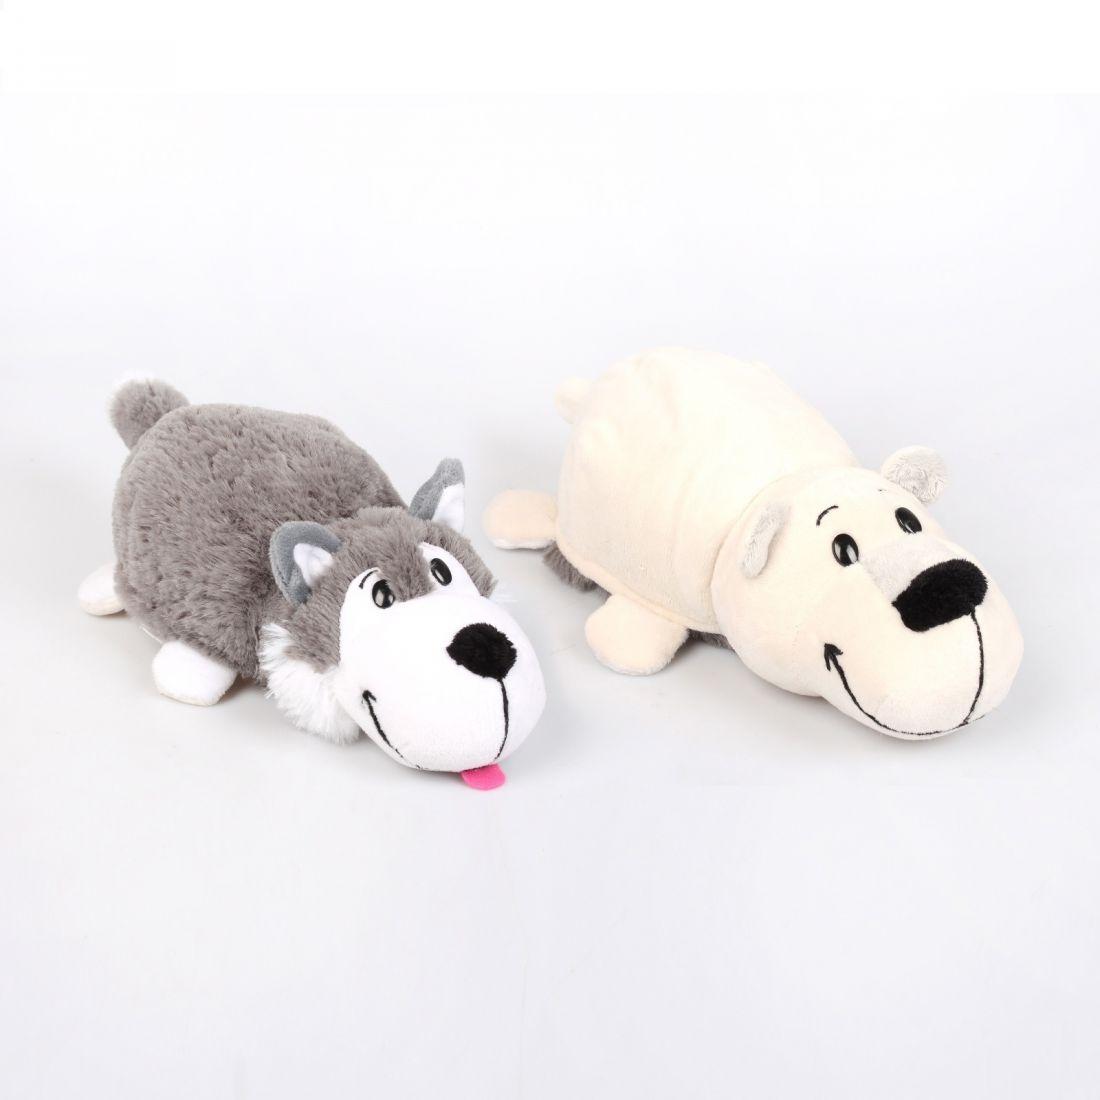 """Мягкая игрушка """"Вывернушка"""" 2 в 1 1 TOY  Хаски - Полярный медведь, 12 см"""